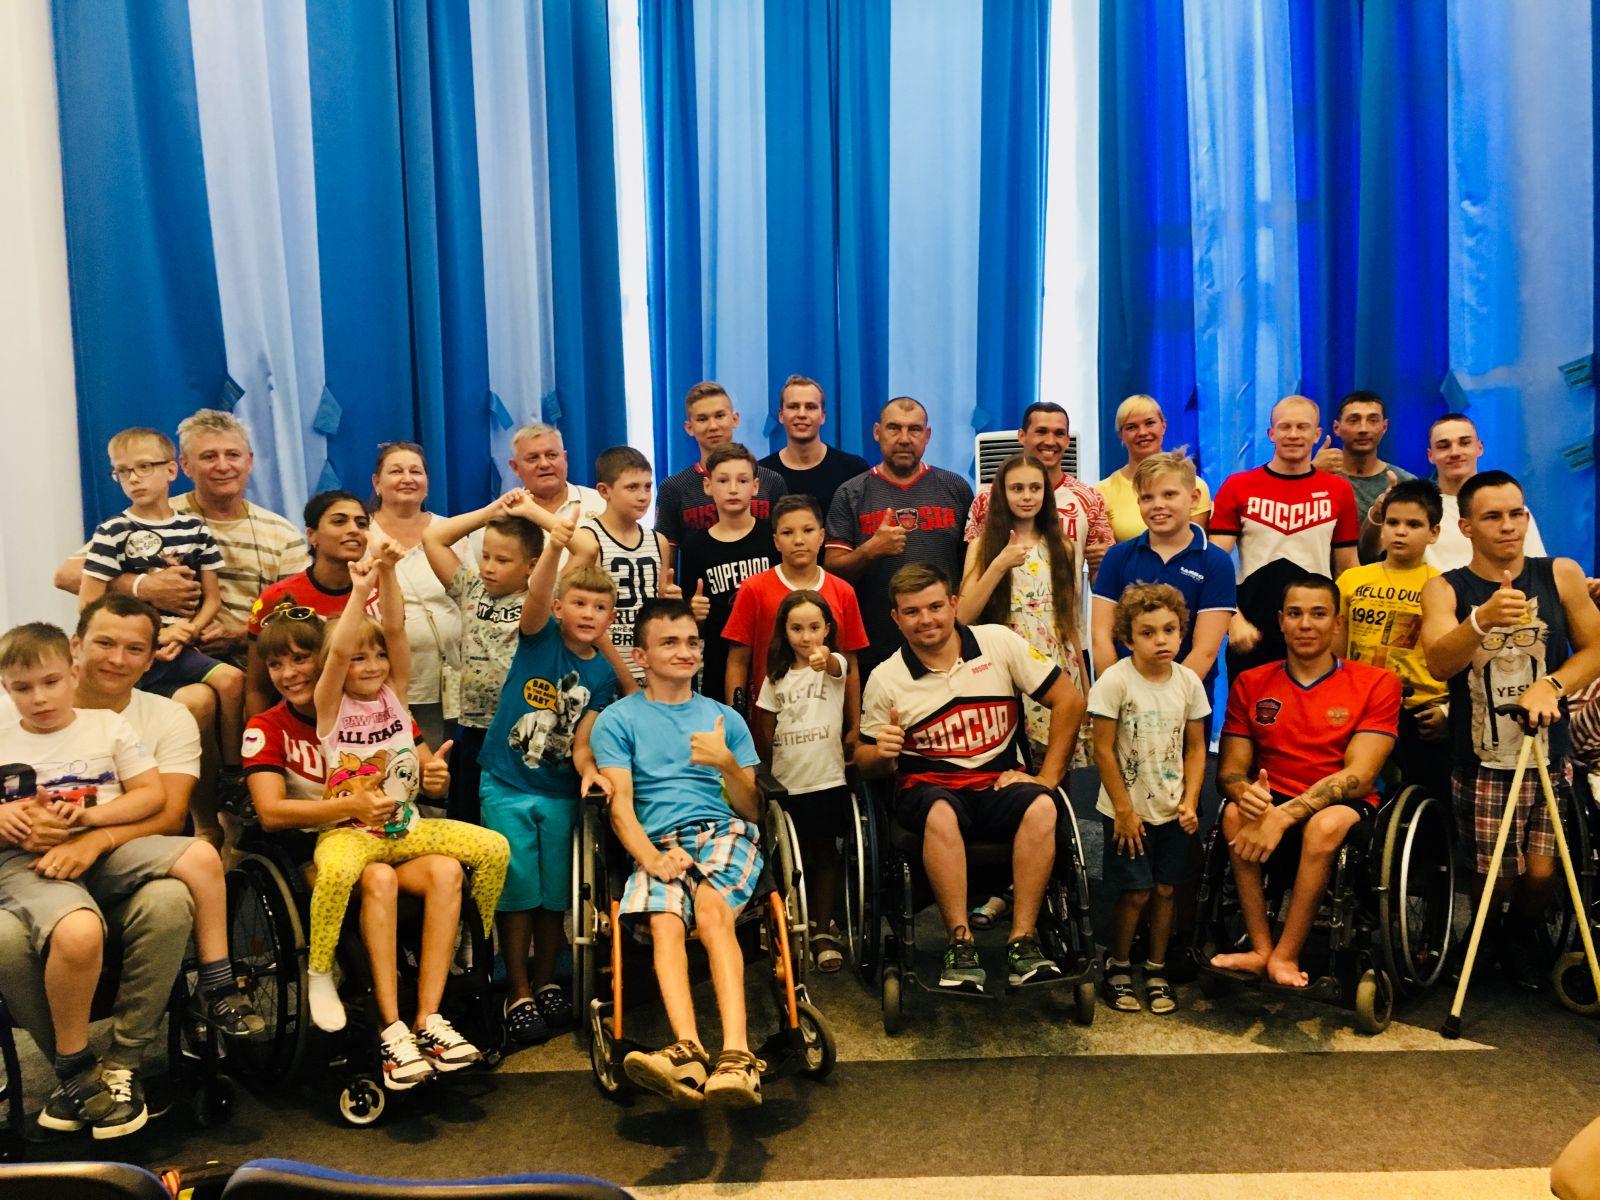 Сборная команда России по плаванию спорта лиц с ПОДА во время тренировочного сбора в Евпатории провела Паралимпийский урок для детей - участников программы реабилитации МГАРДИ